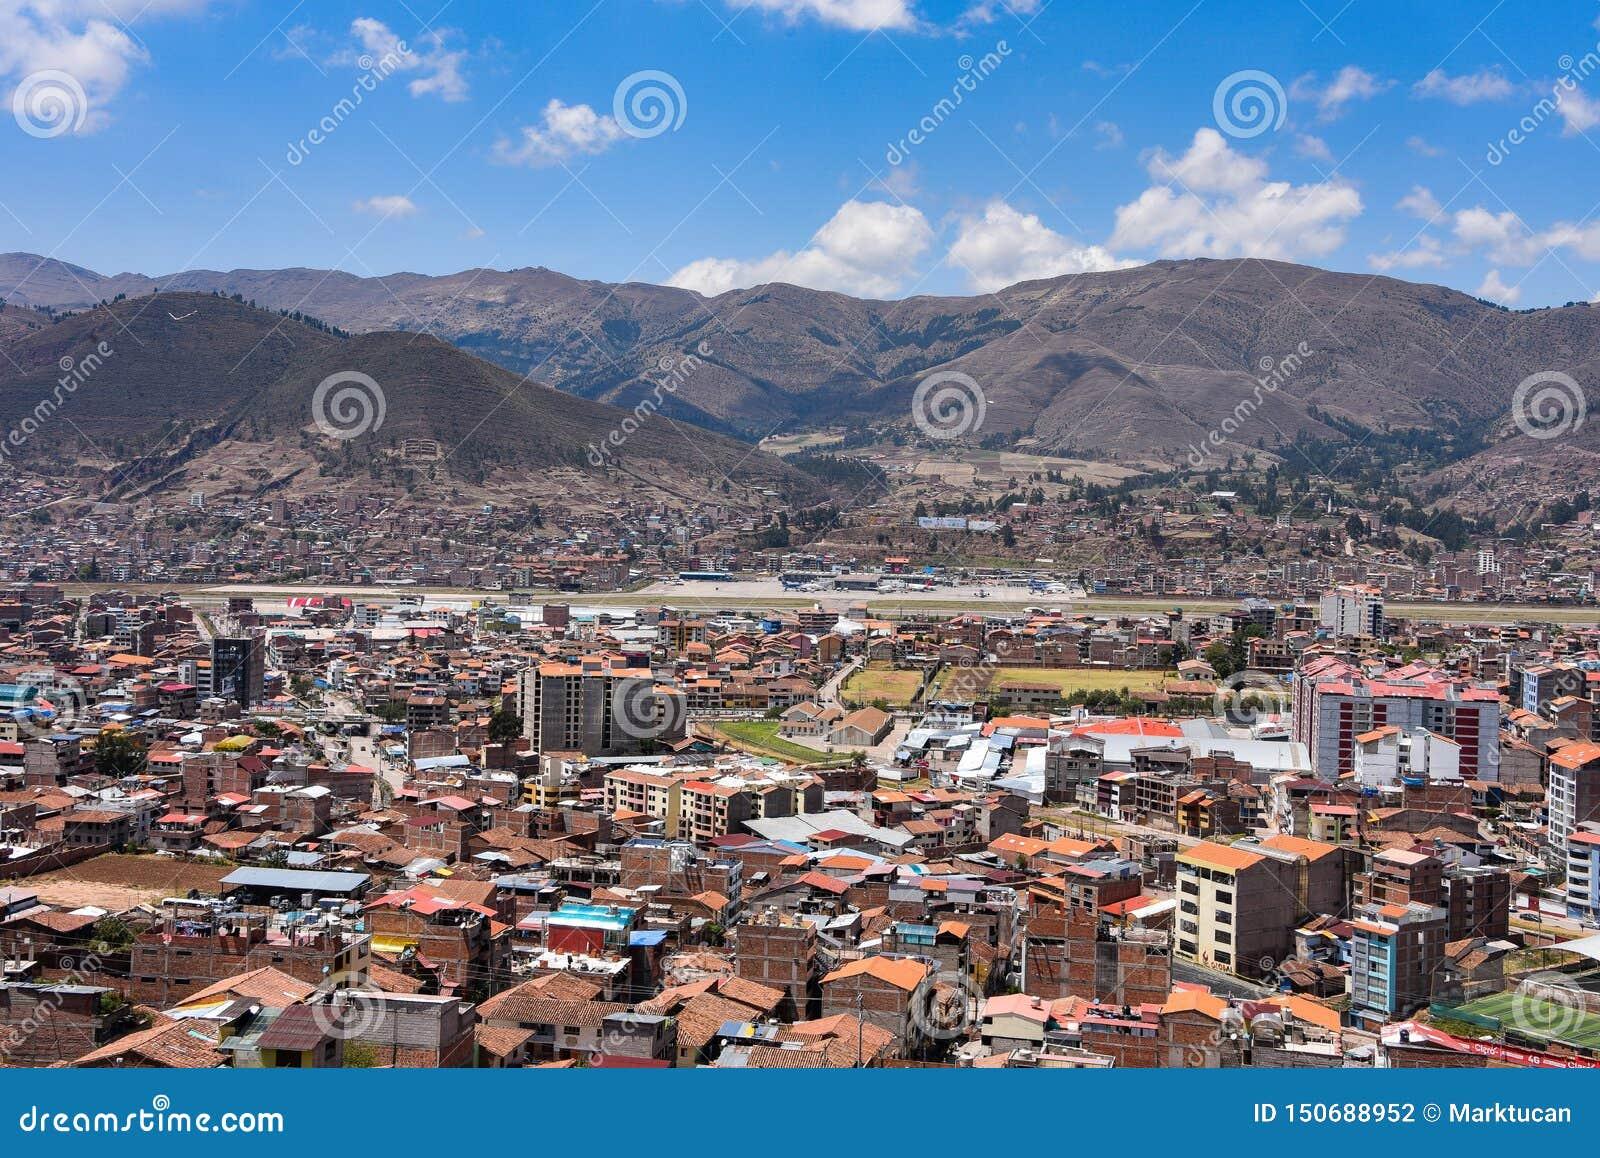 Vistas Al Aeropuerto De Cusco Y Al Barrio De San Sebastian Desde Rumiwasi Cusco Peru Fotografia Editorial Imagen De Sebastian Rumiwasi 150688952